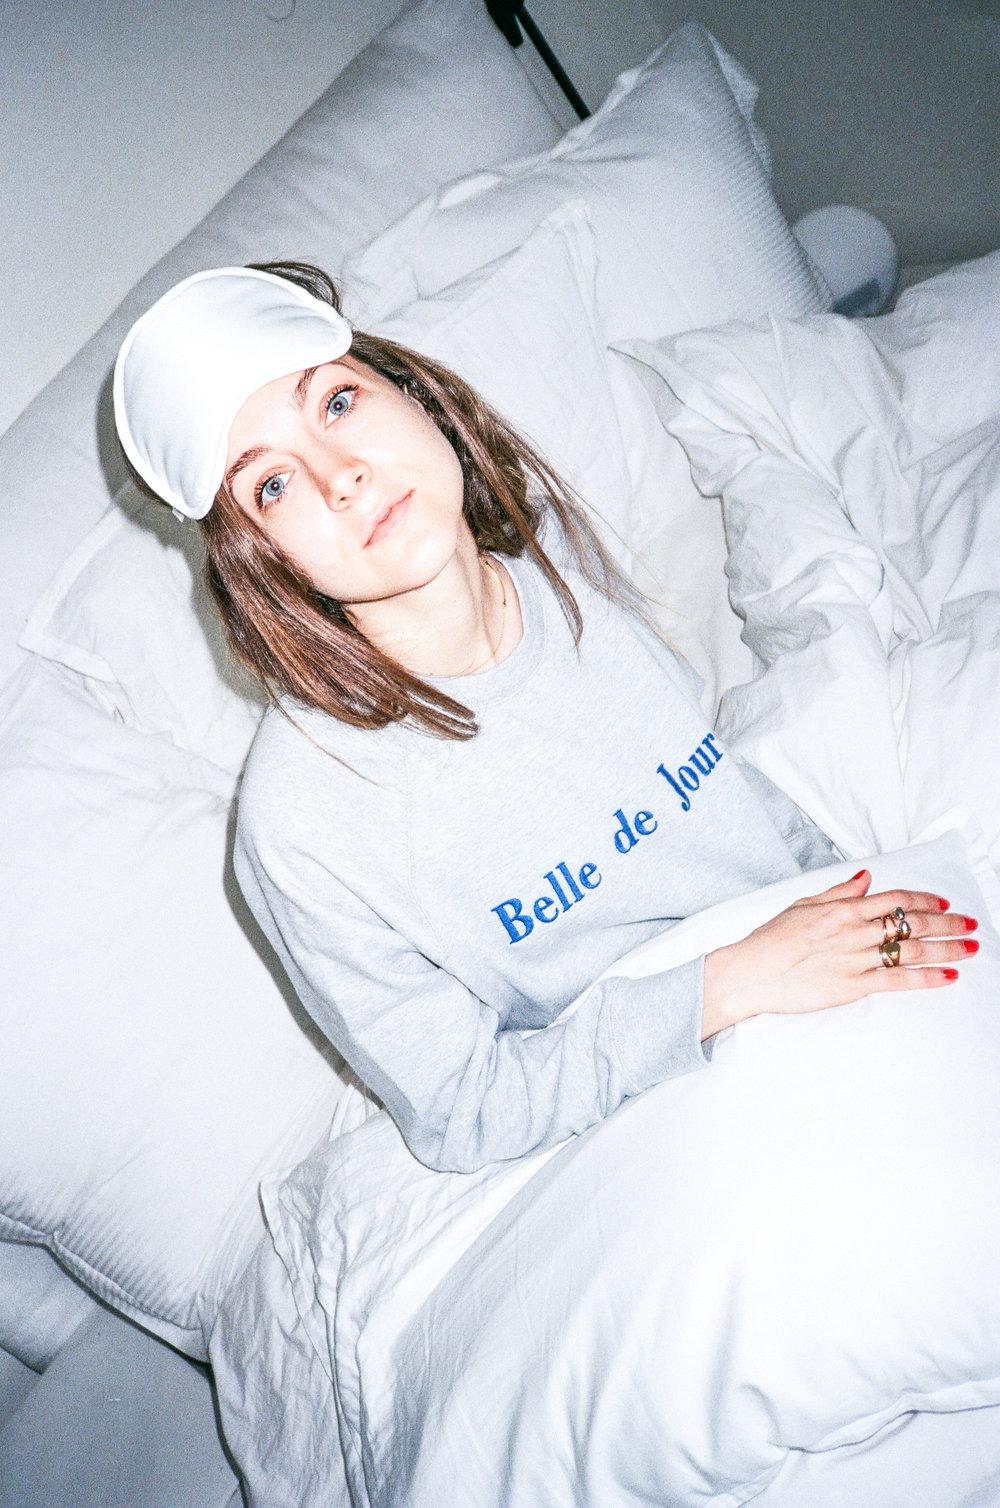 Benedicte BURGUET - How to be Belle de Jour at Night ?